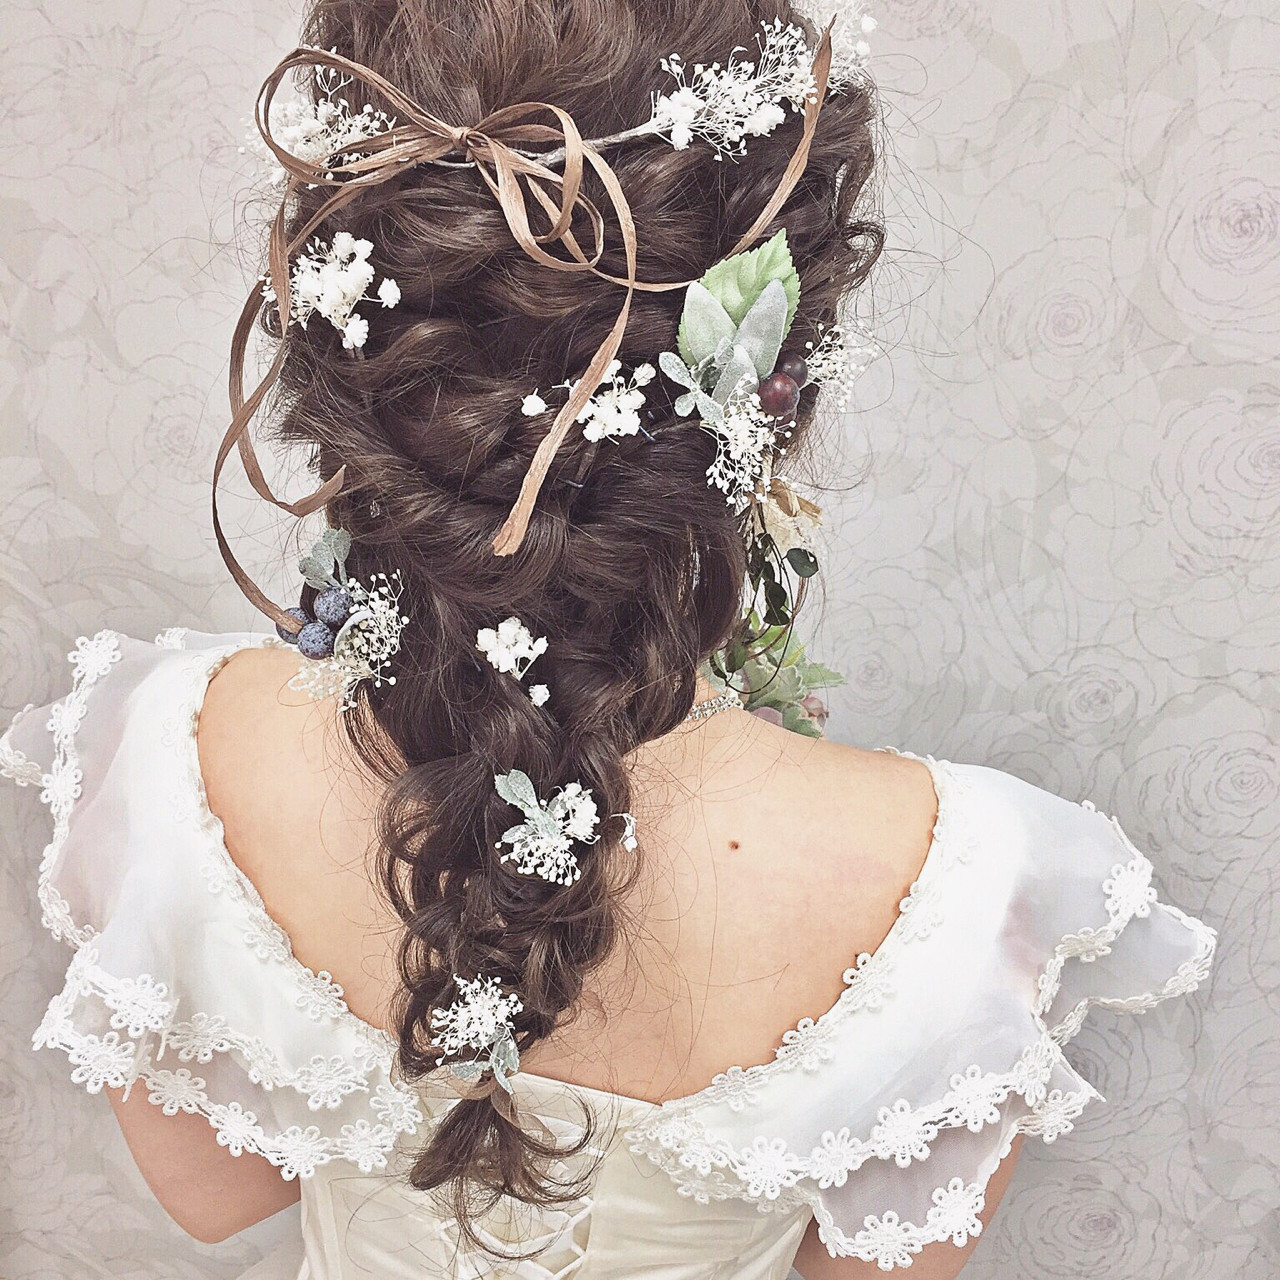 ロング ナチュラル 結婚式 ヘアアレンジ ヘアスタイルや髪型の写真・画像